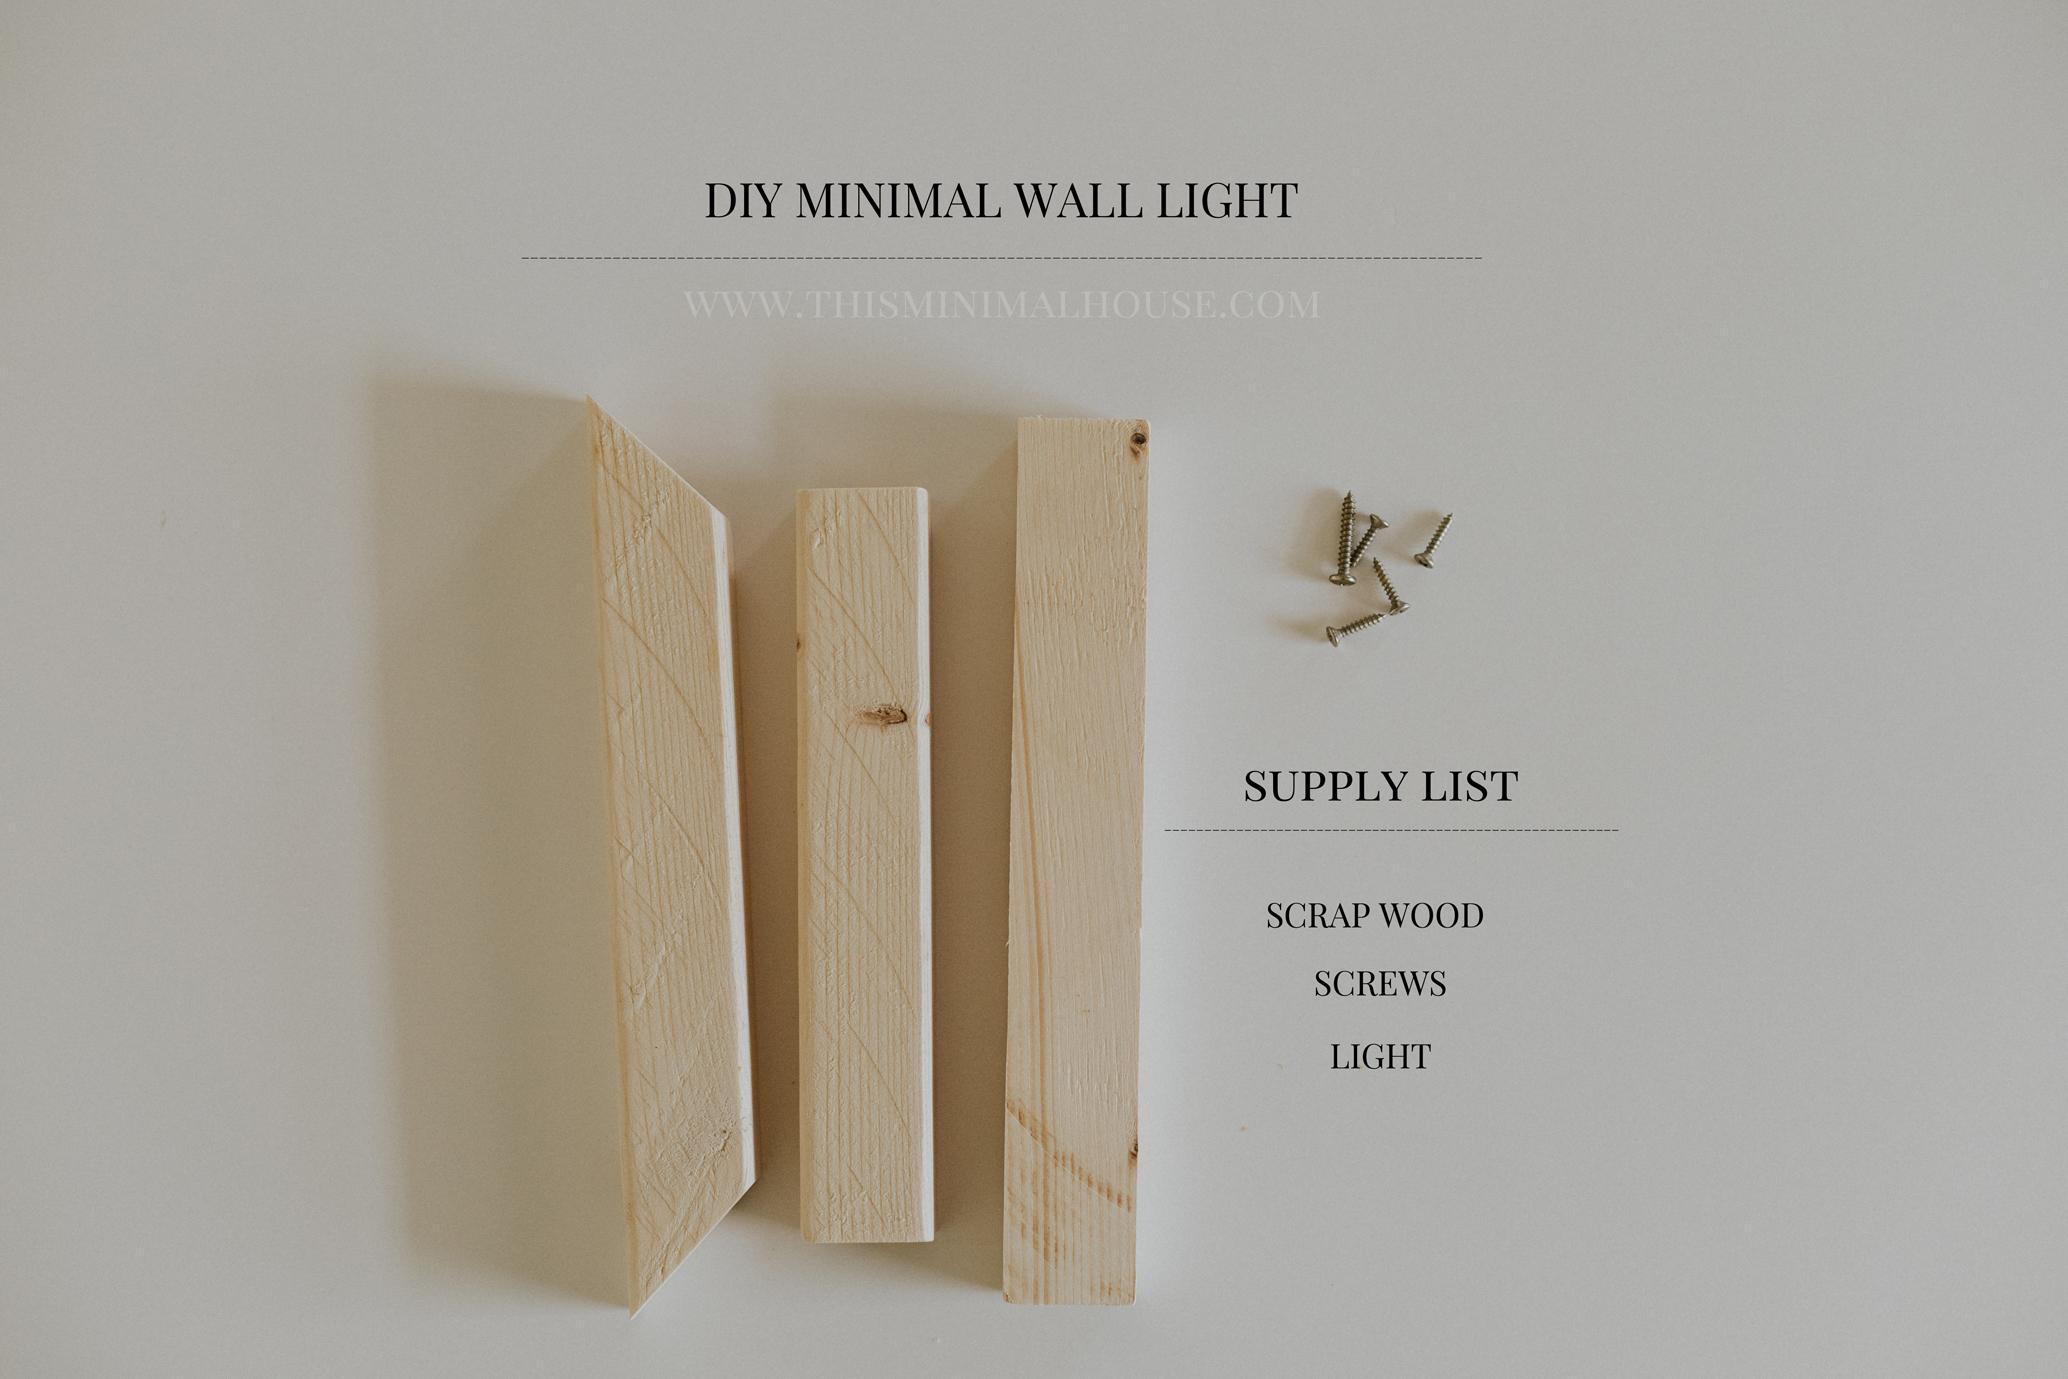 DIY MINIMAL WALL LIGHT.jpg